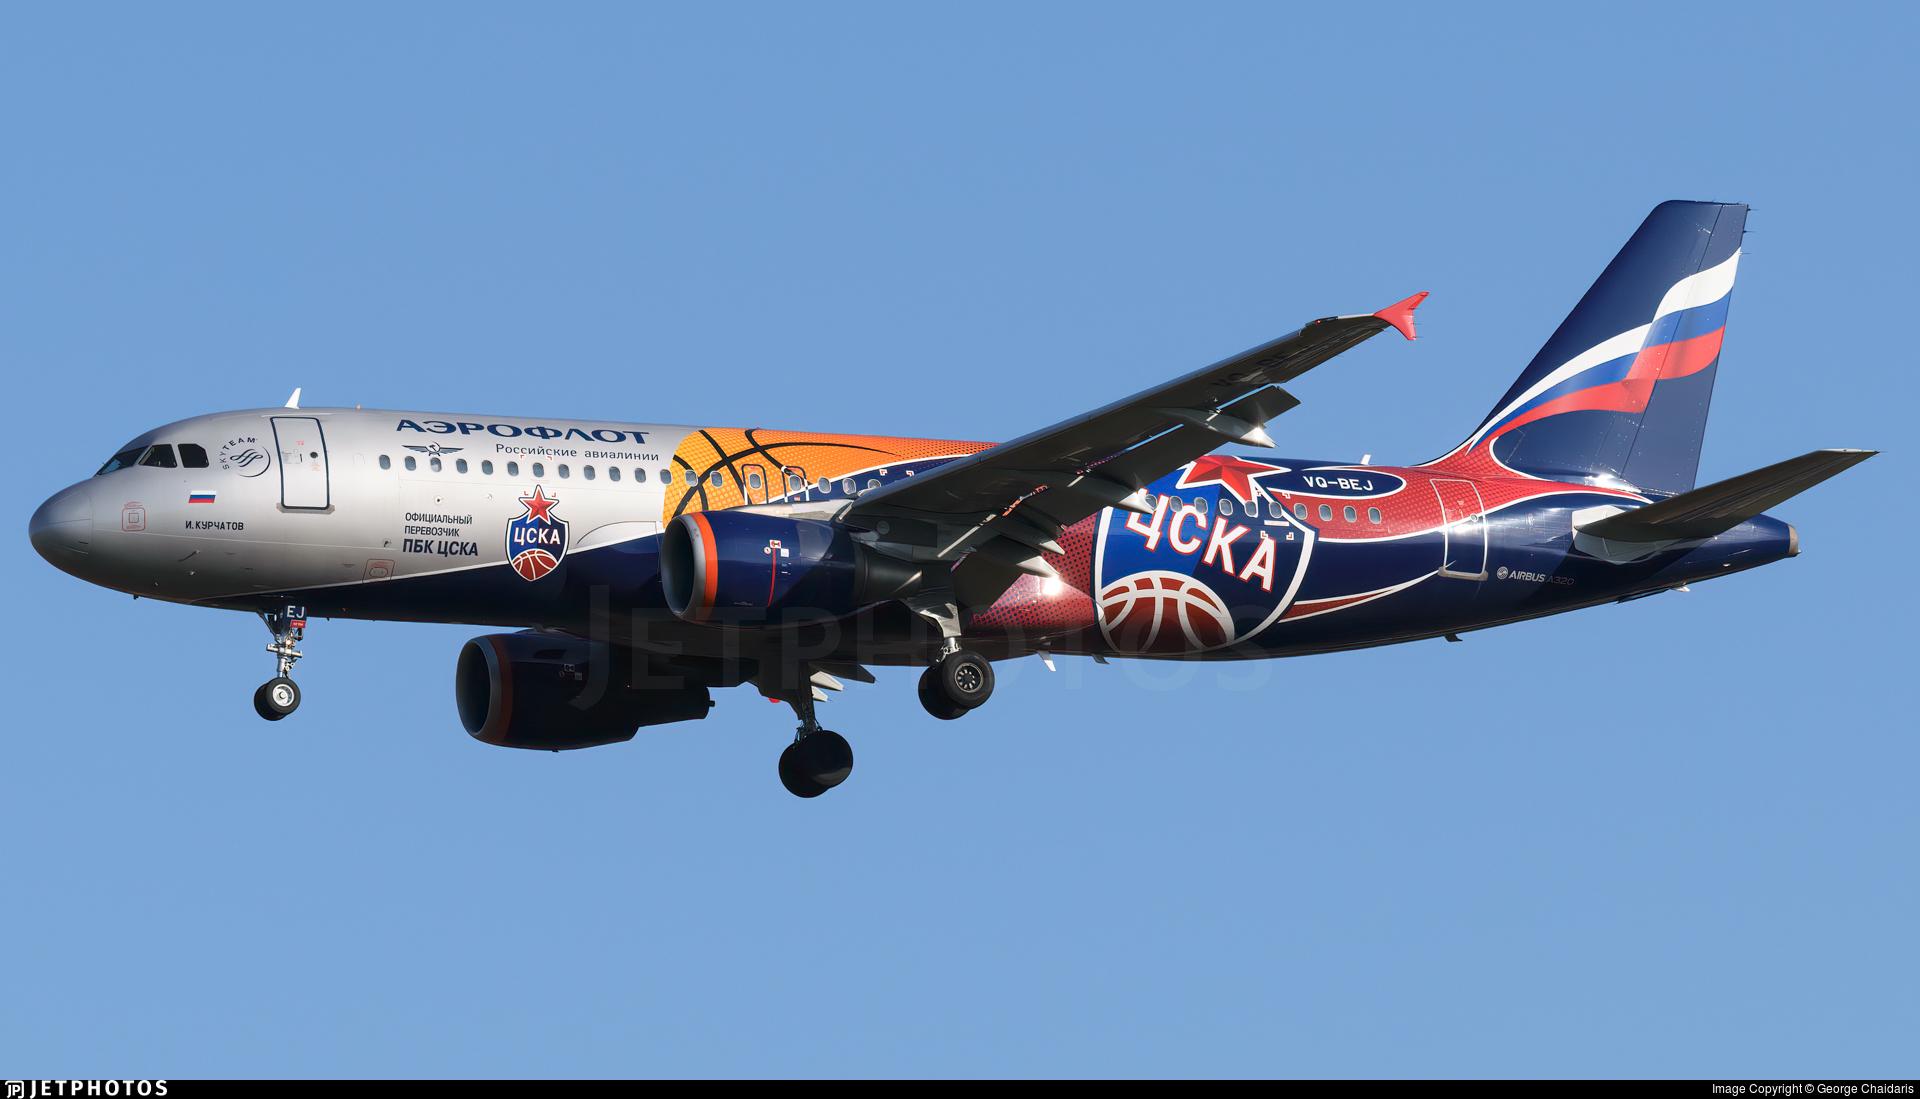 VQ-BEJ - Airbus A320-214 - Aeroflot